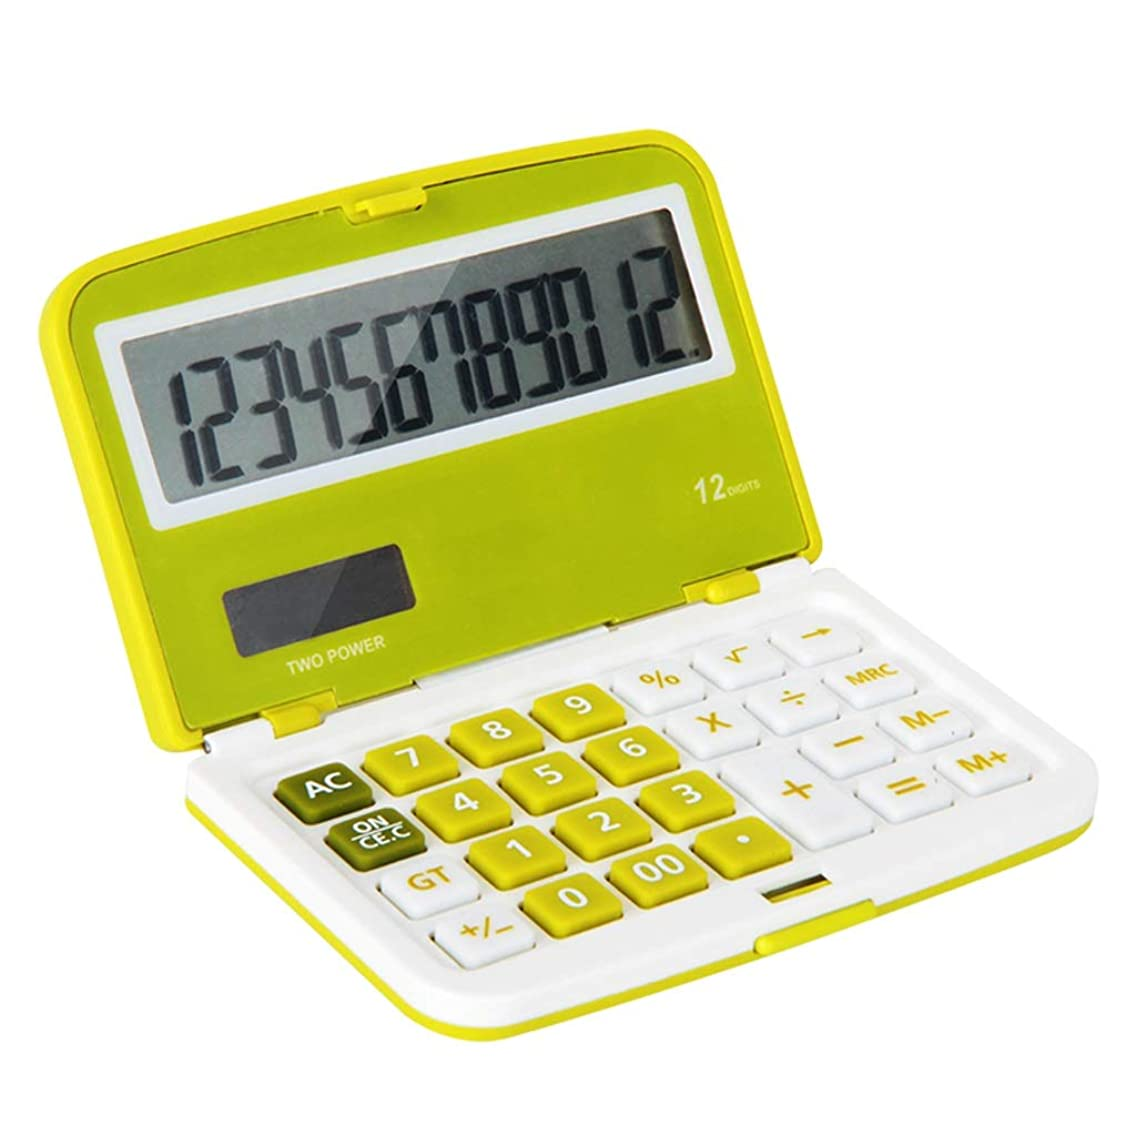 ロッジ革新クレアデスクトップ電卓 フリップセクション電卓かわいいミニポータブルオフィスソーラーキャンディーカラーソーラー電卓ブルー/グリーン/オレンジ 正確な計算 (Color : Green)